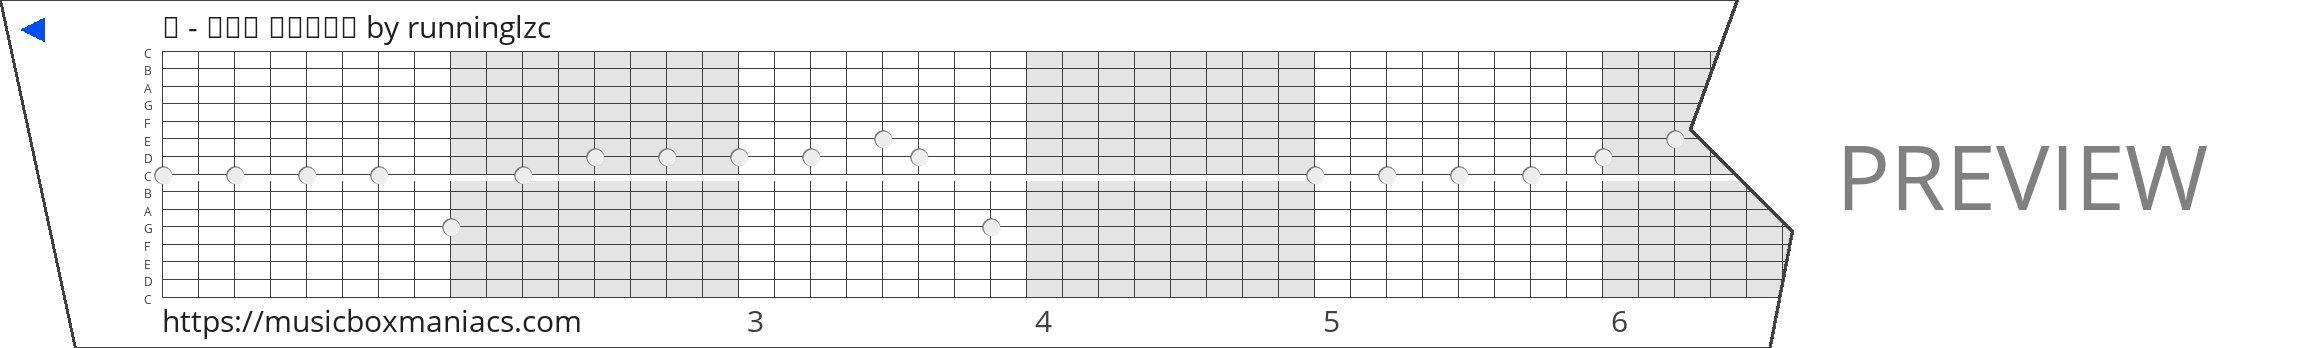 枫 - 周杰伦 【未加工】 15 note music box paper strip